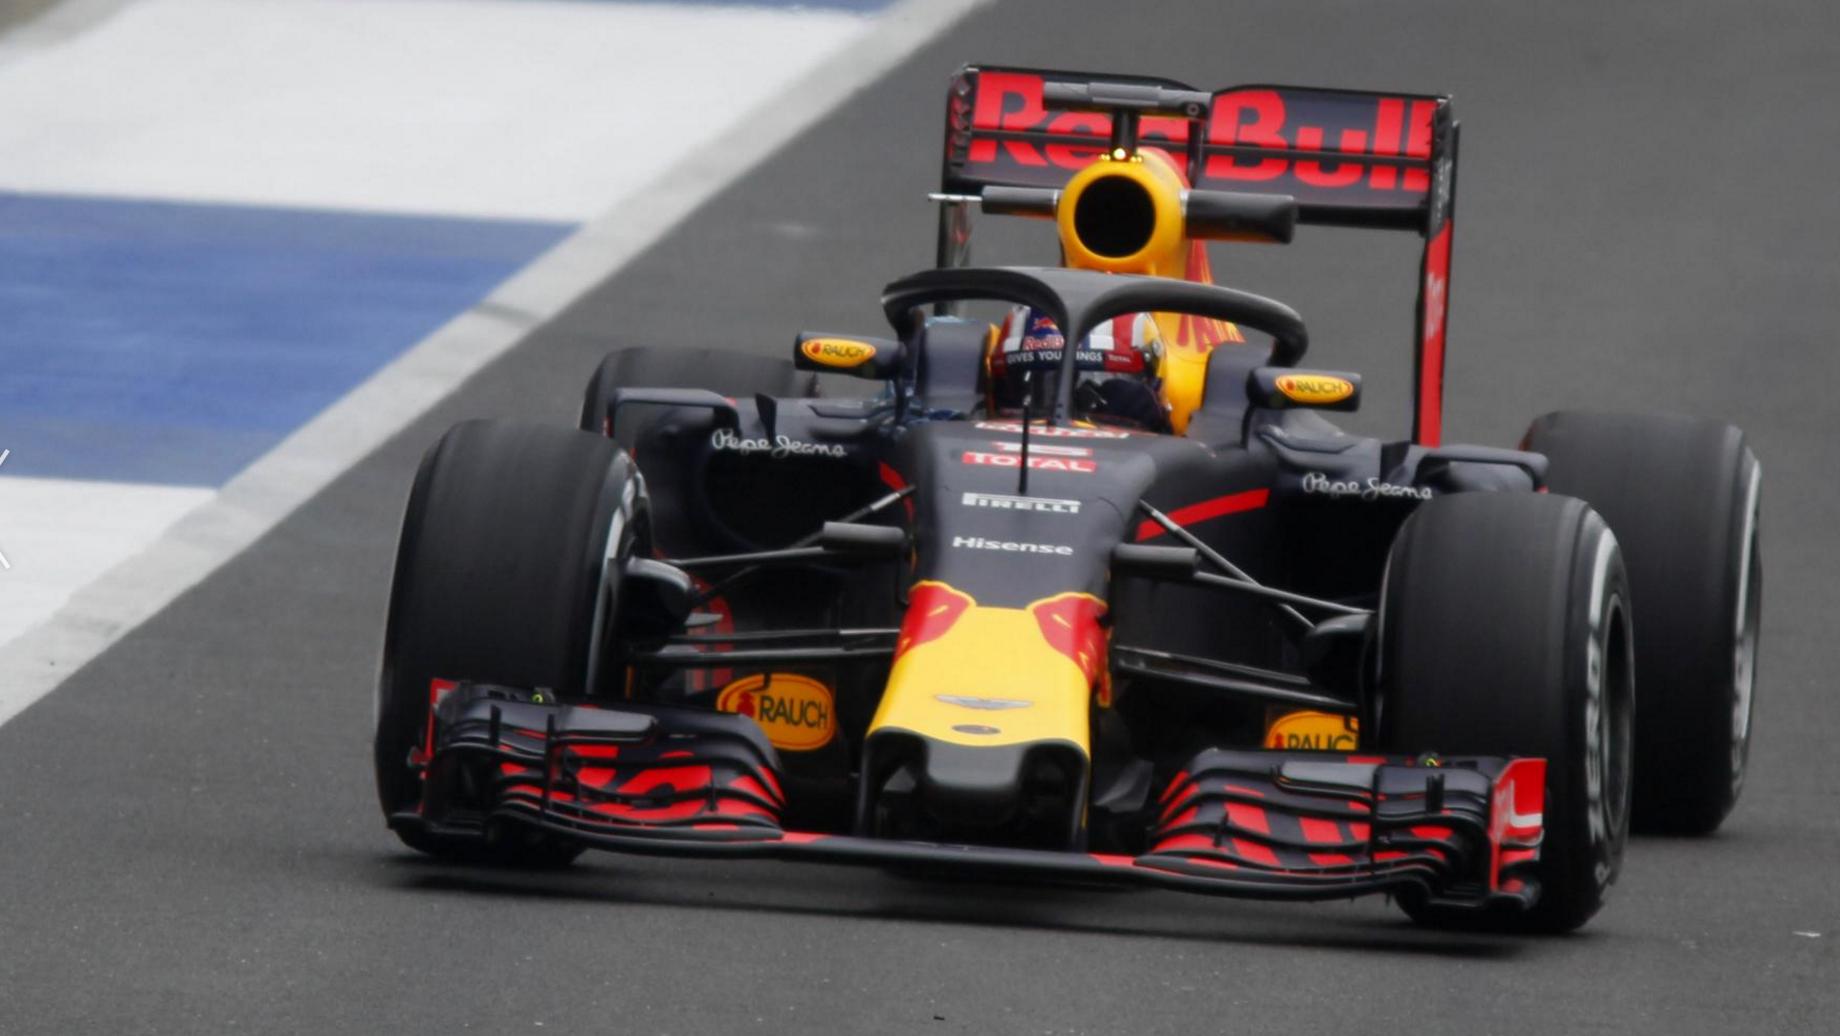 Formule 1-auto's krijgen een halo in 2018 - TopGear Nederland